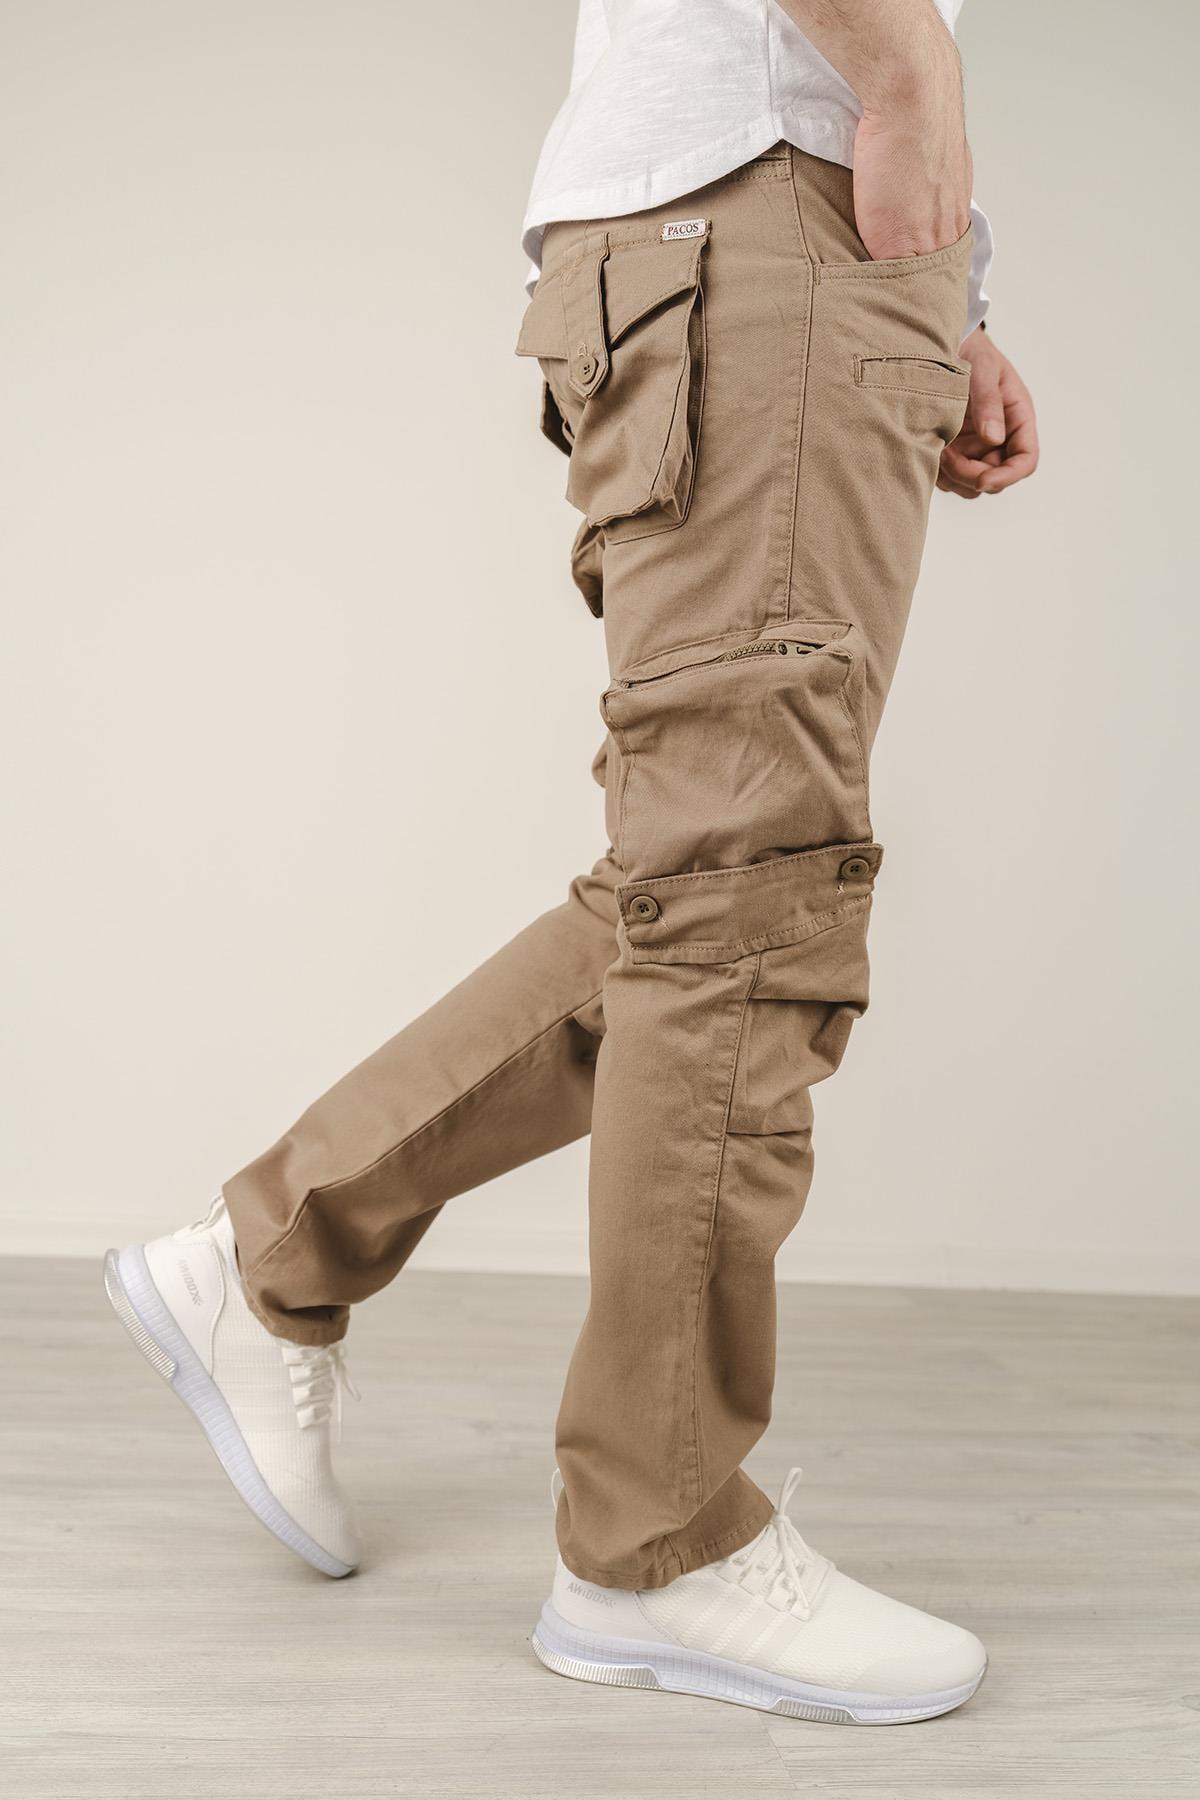 Oldtime 1193 Erkek Kargo Pantolon